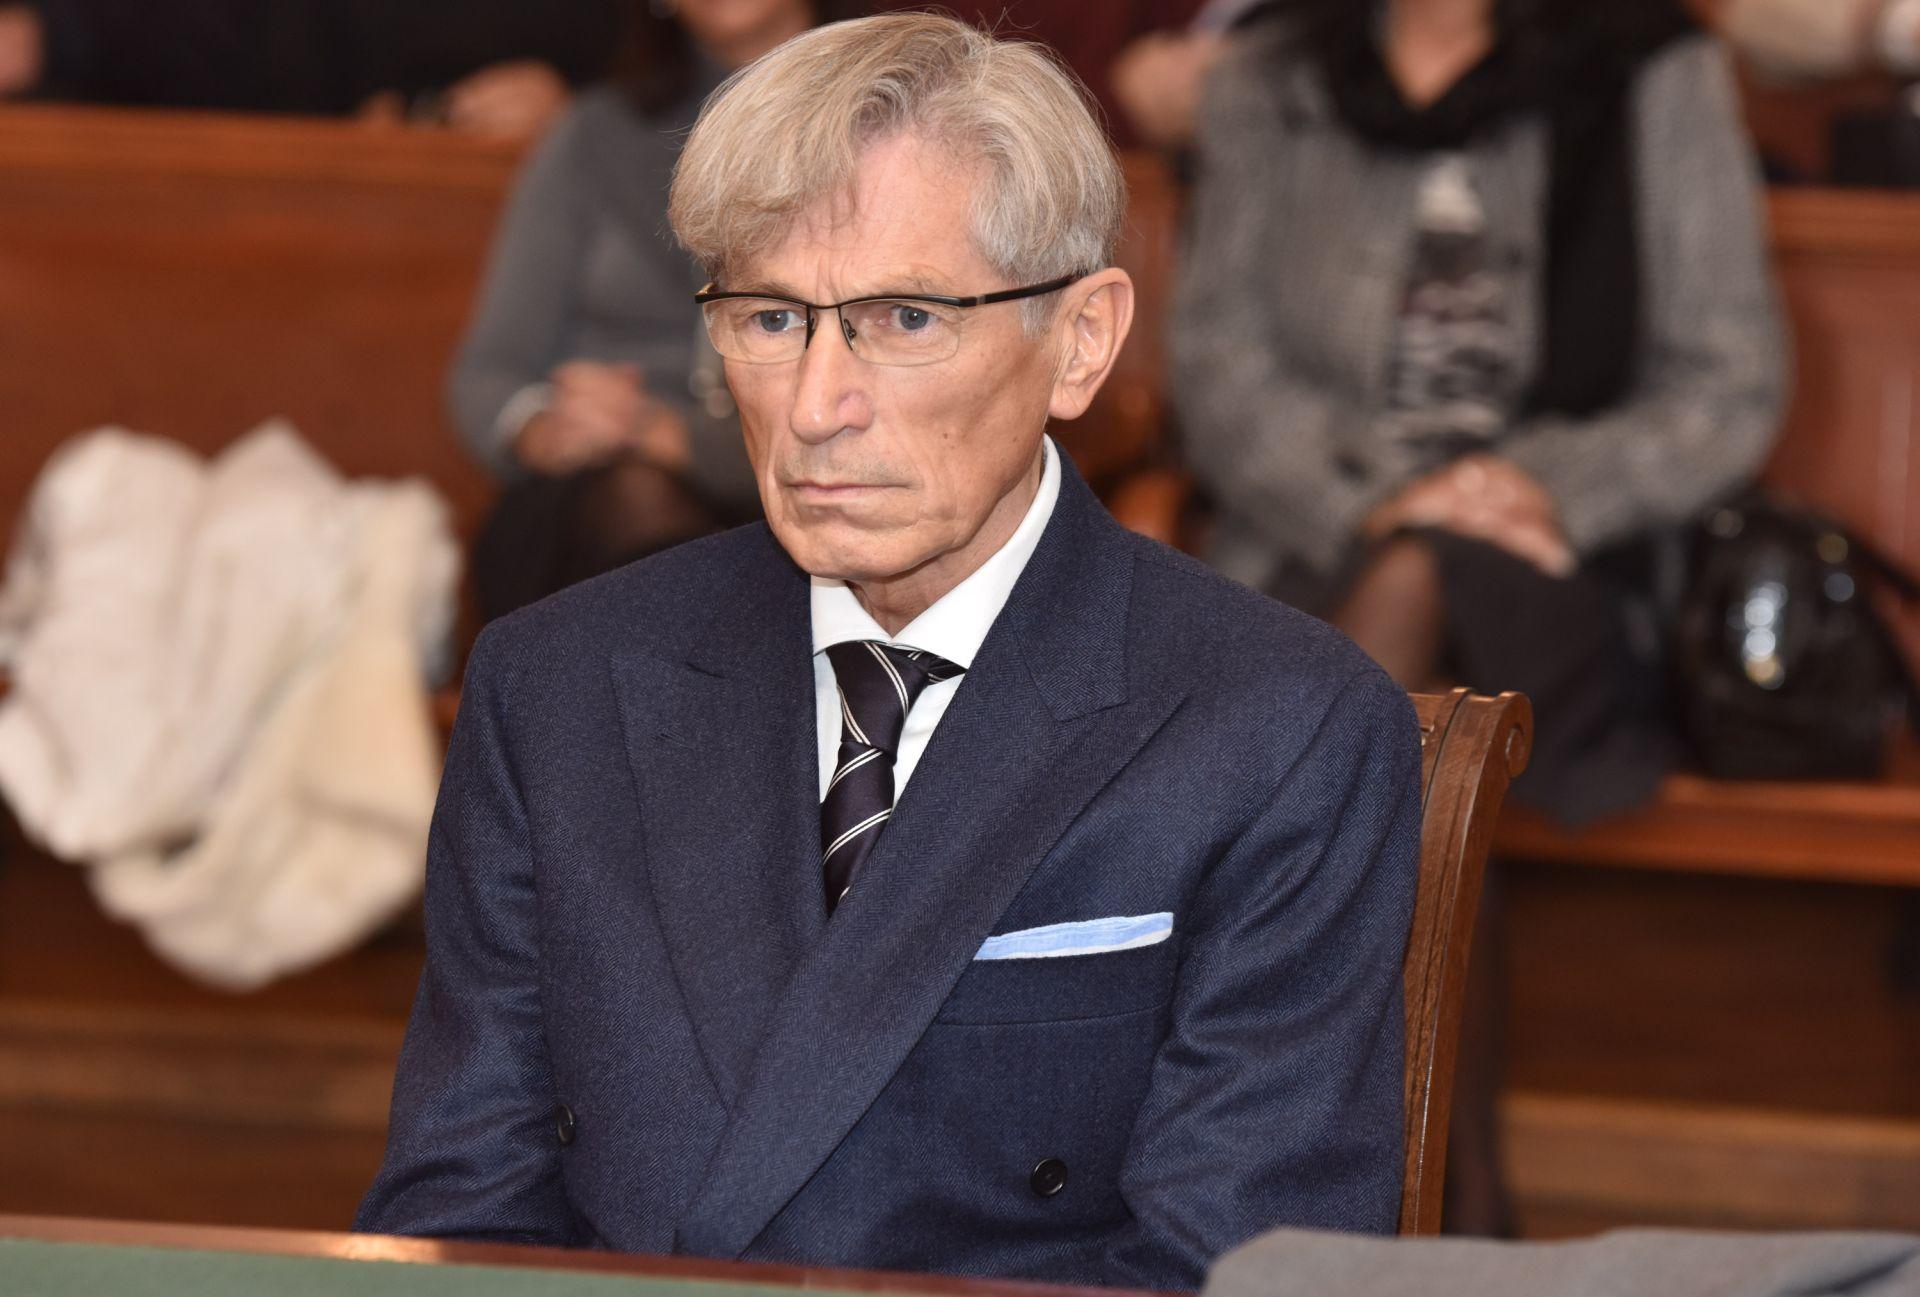 IZAZIVANJE POMORSKE NESREĆE: Ponavlja se suđenje Tomislavu Horvatinčiću